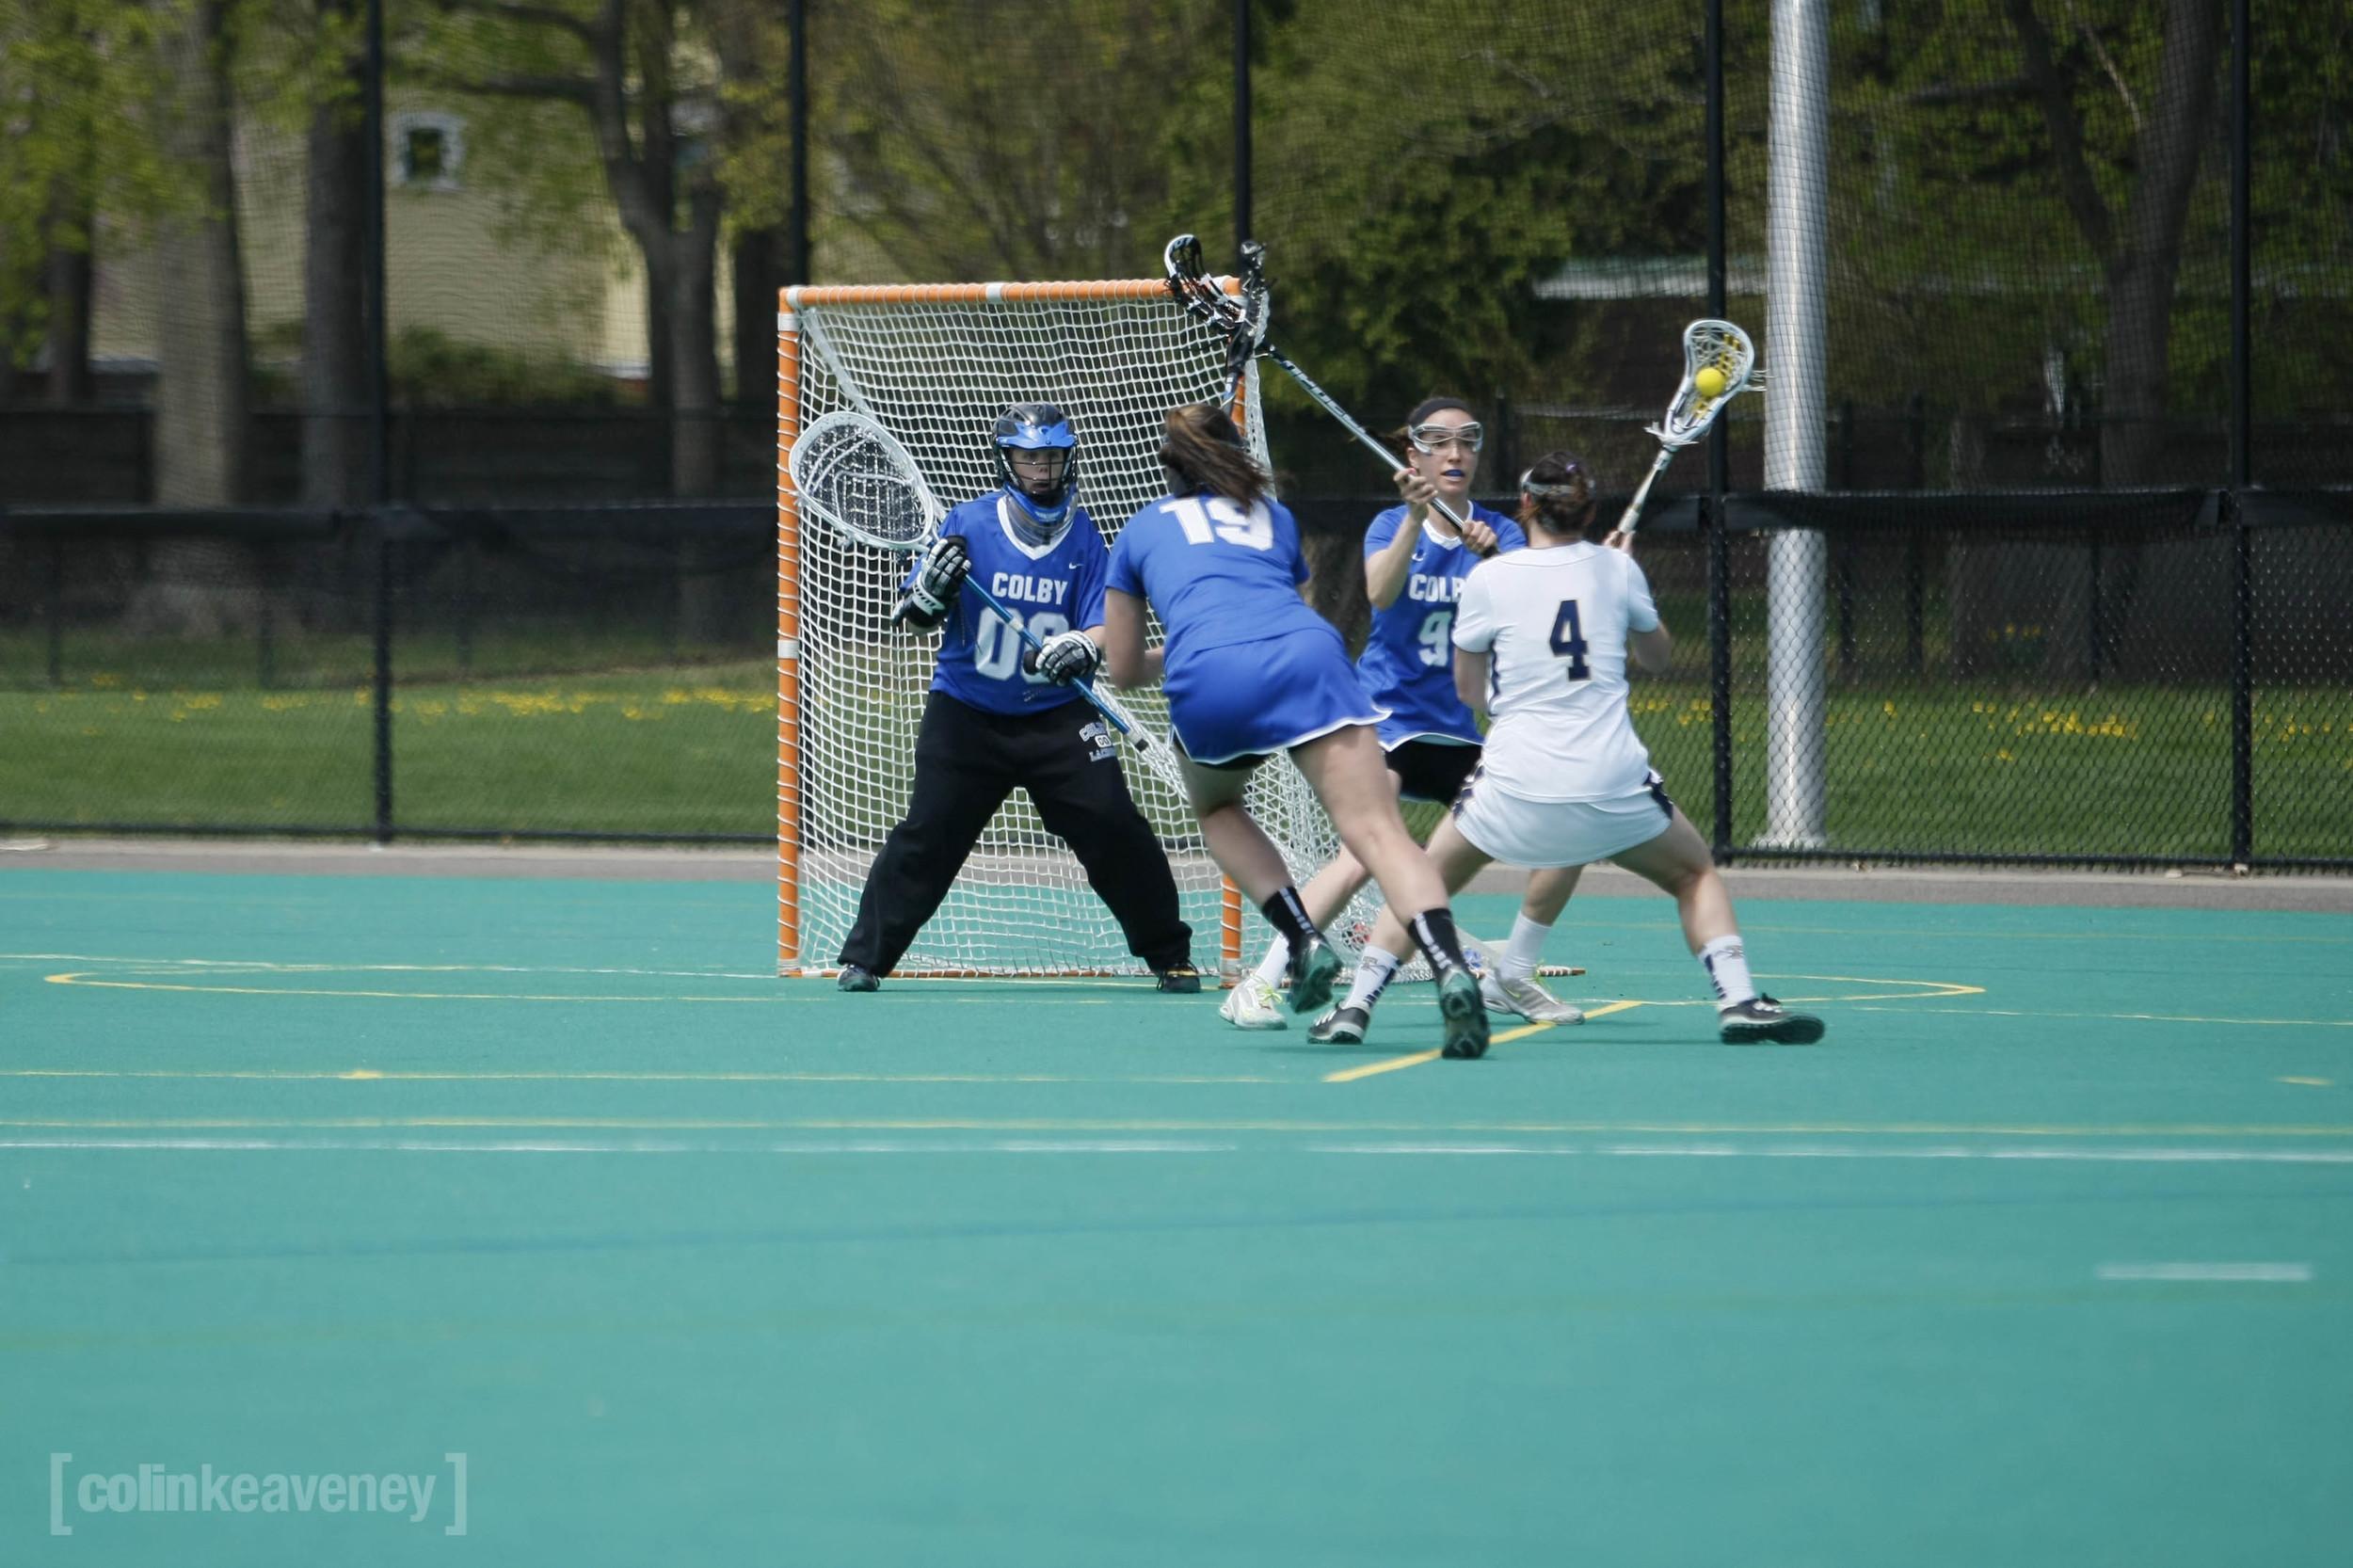 COLBY_lacrosse-22.jpg